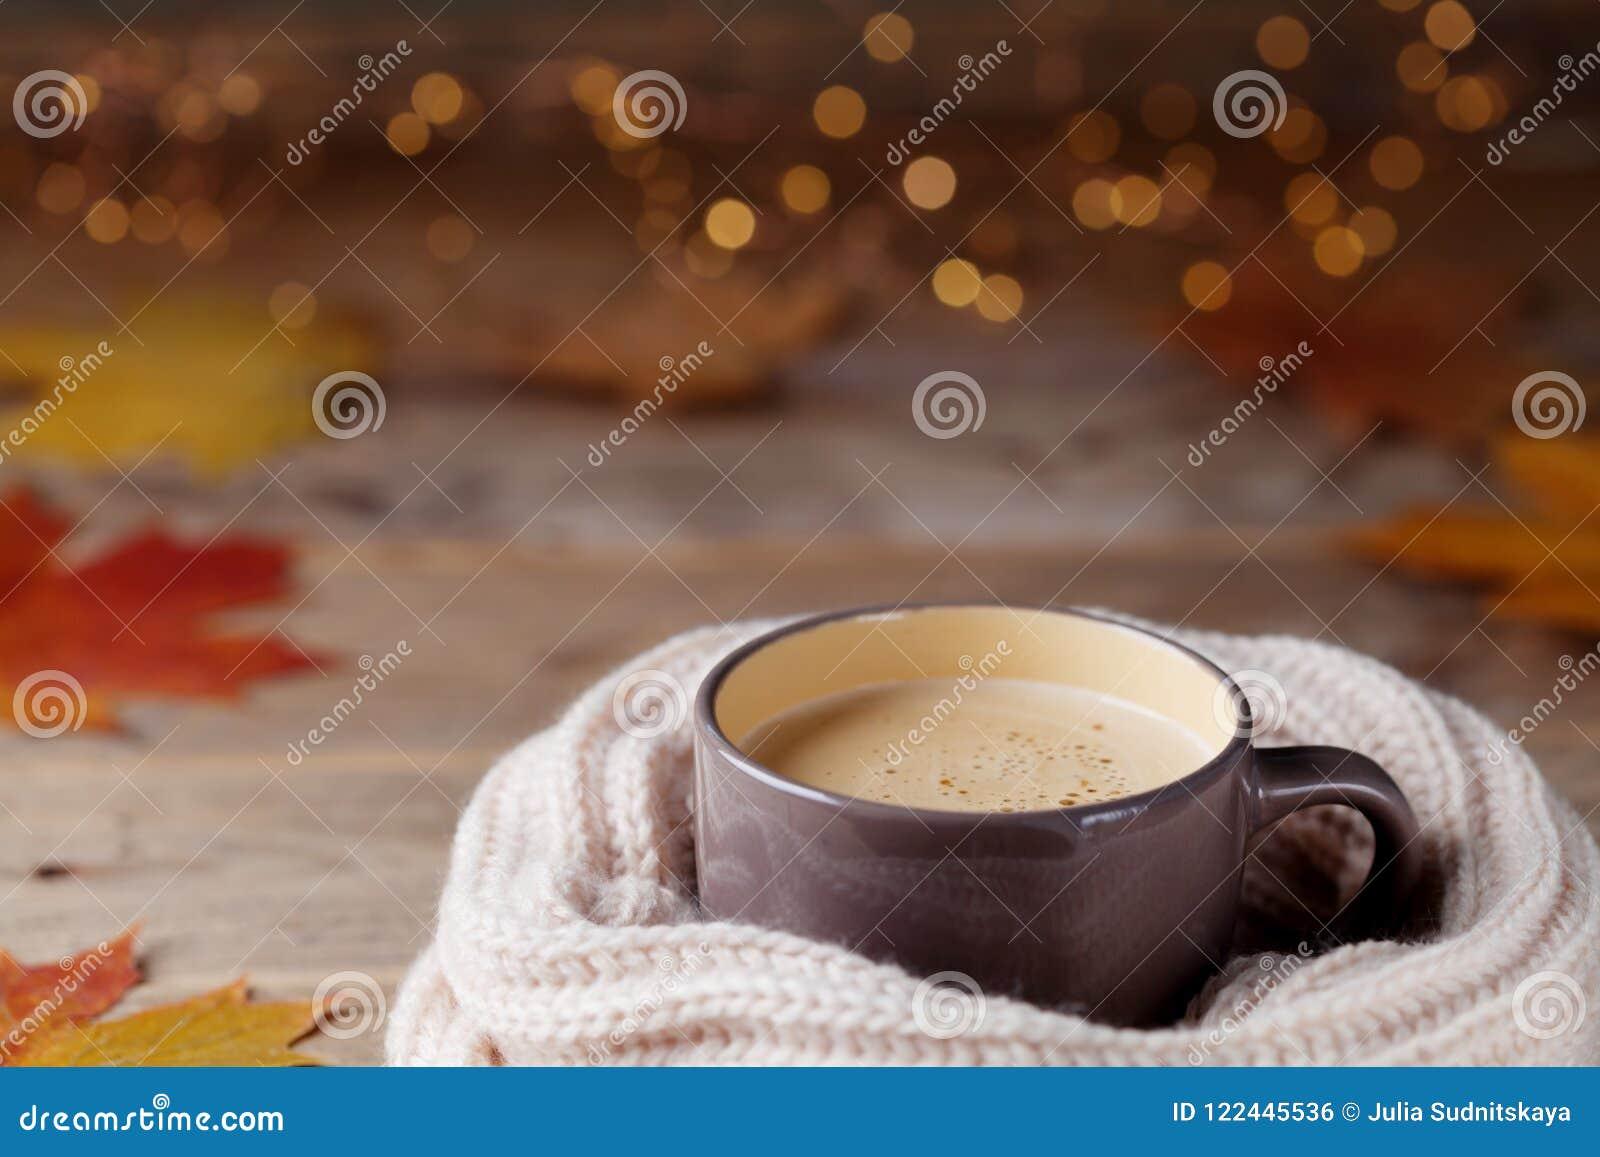 Höstbakgrund från koppen av kakao eller kaffe i stucken halsduk på trätabellen dekorerade med nedgångsidor Hemtrevlig varm drink